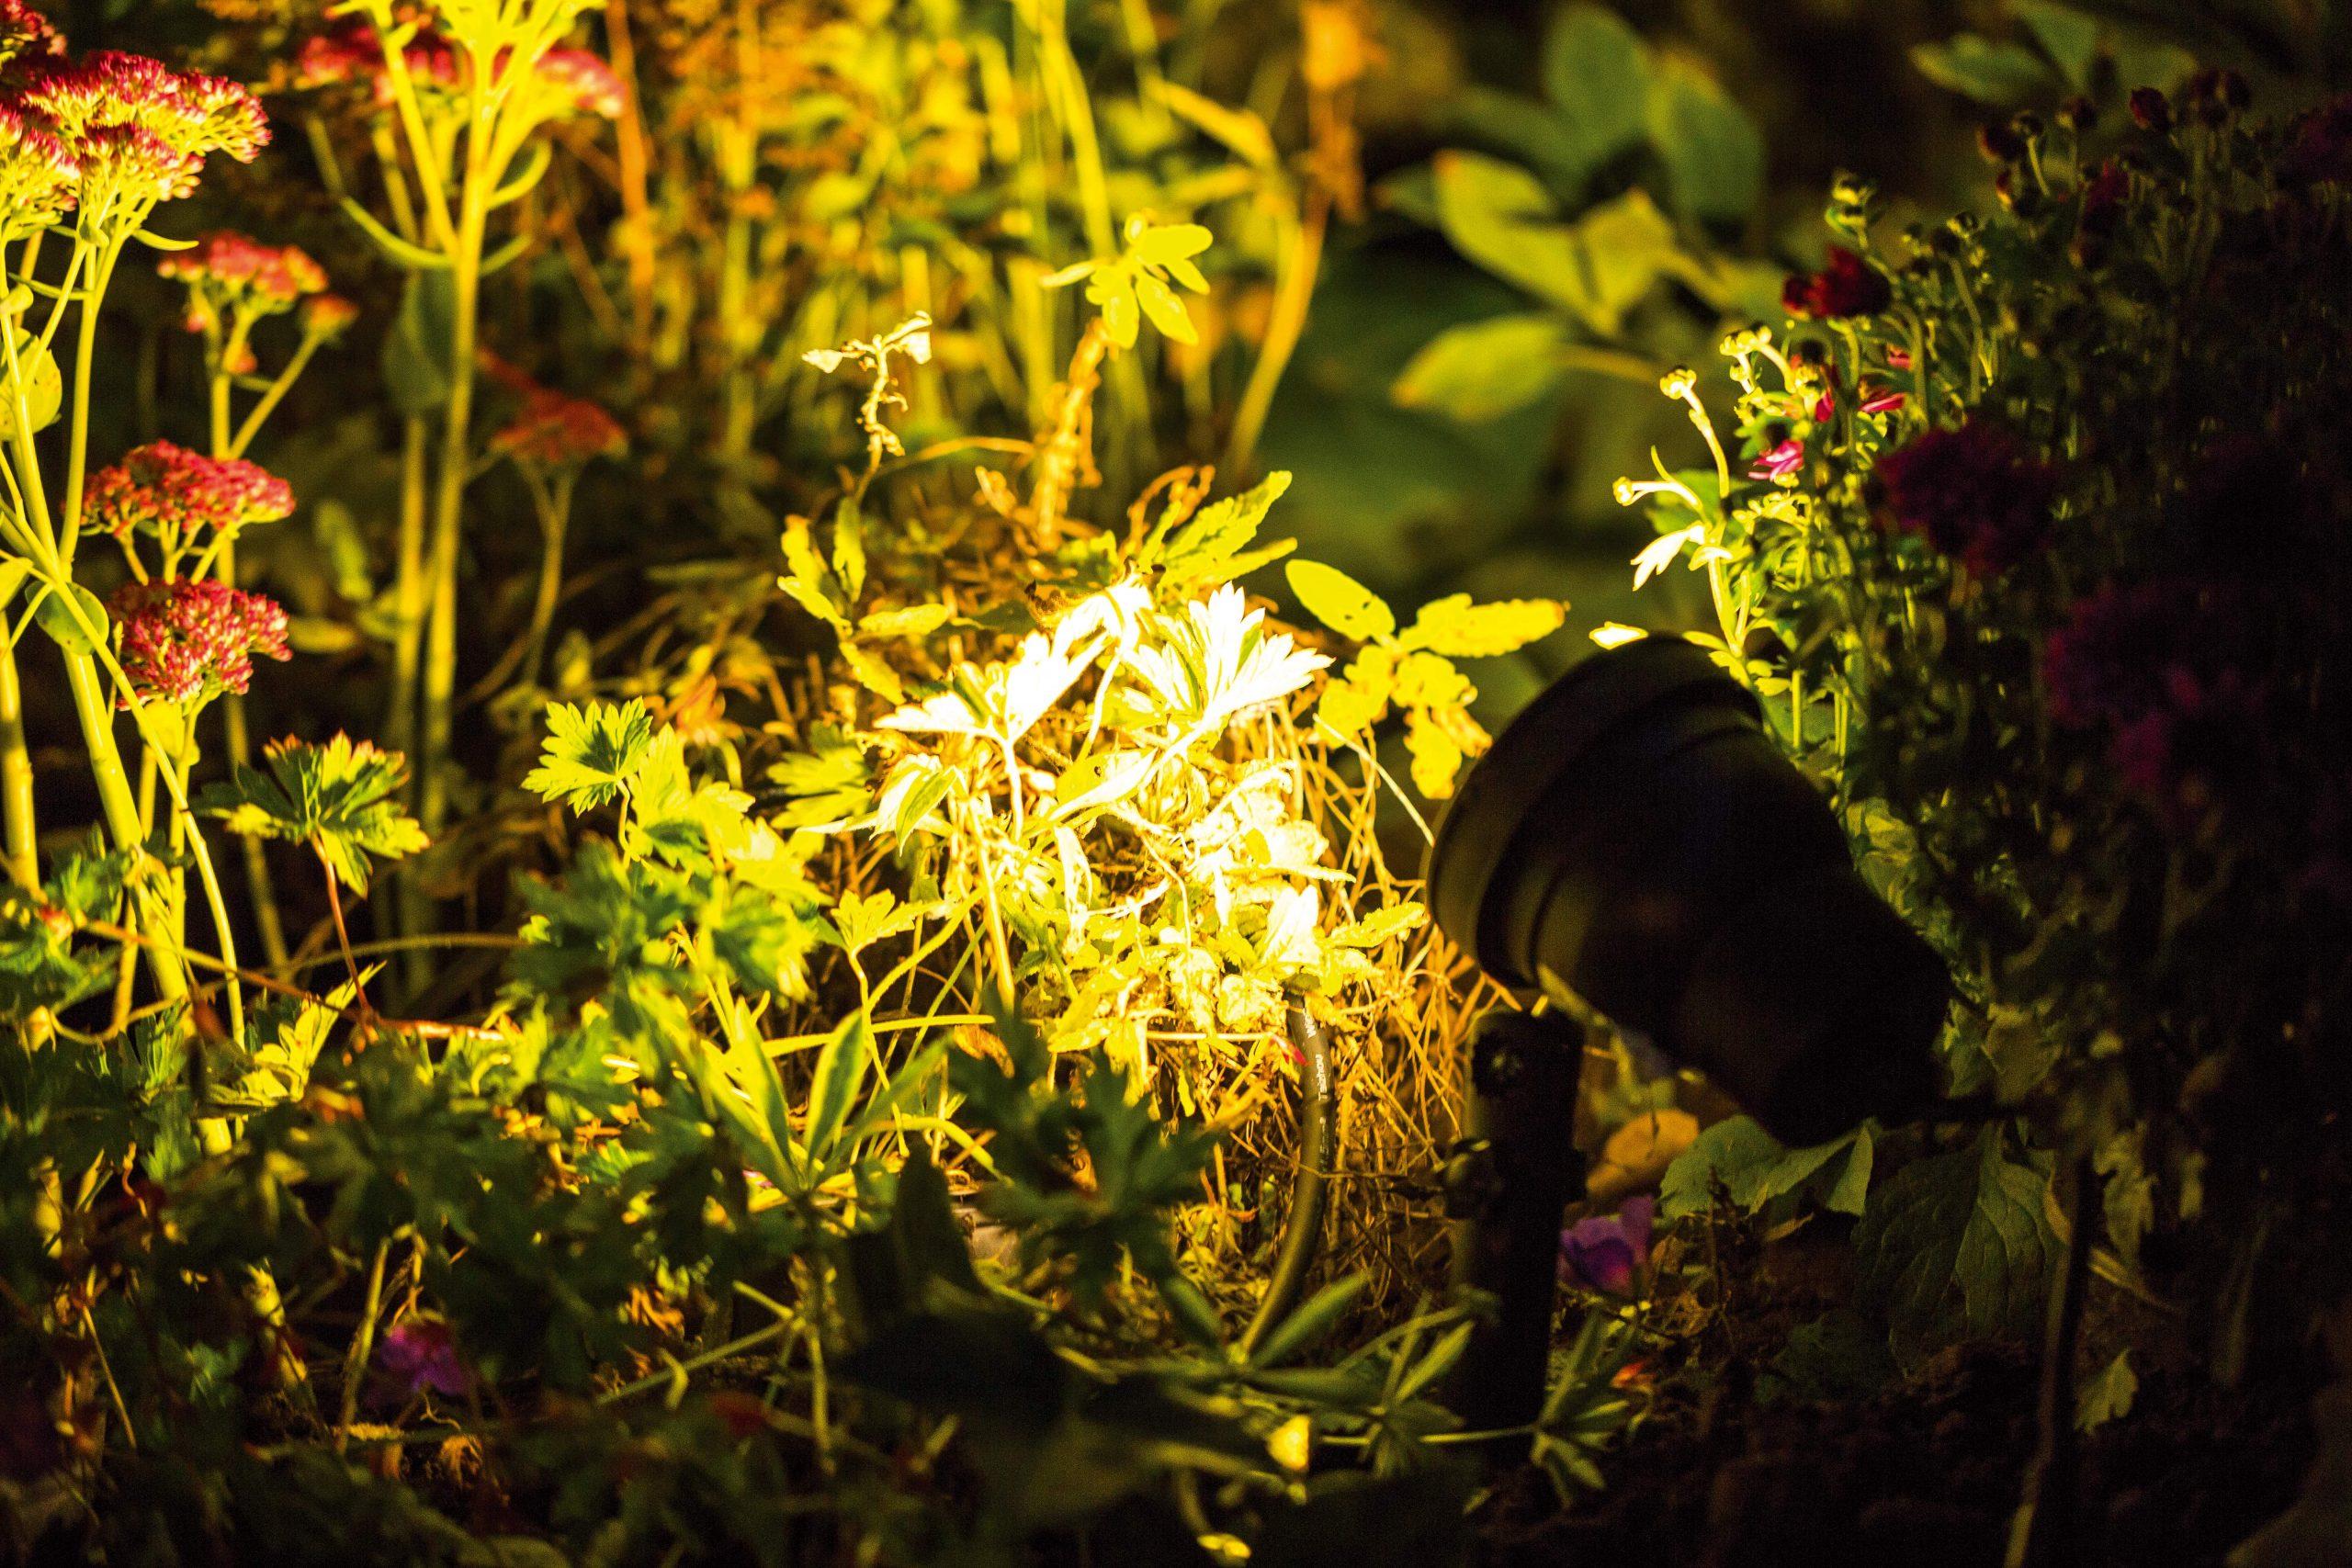 Full Size of Richtige Auenbeleuchtung Rund Ums Haus Ratgeber Obi Garten Loungemöbel Holz Relaxliege Kletterturm Pavillon Feuerstellen Im Ausziehtisch Trampolin Spielturm Garten Mastleuchten Garten